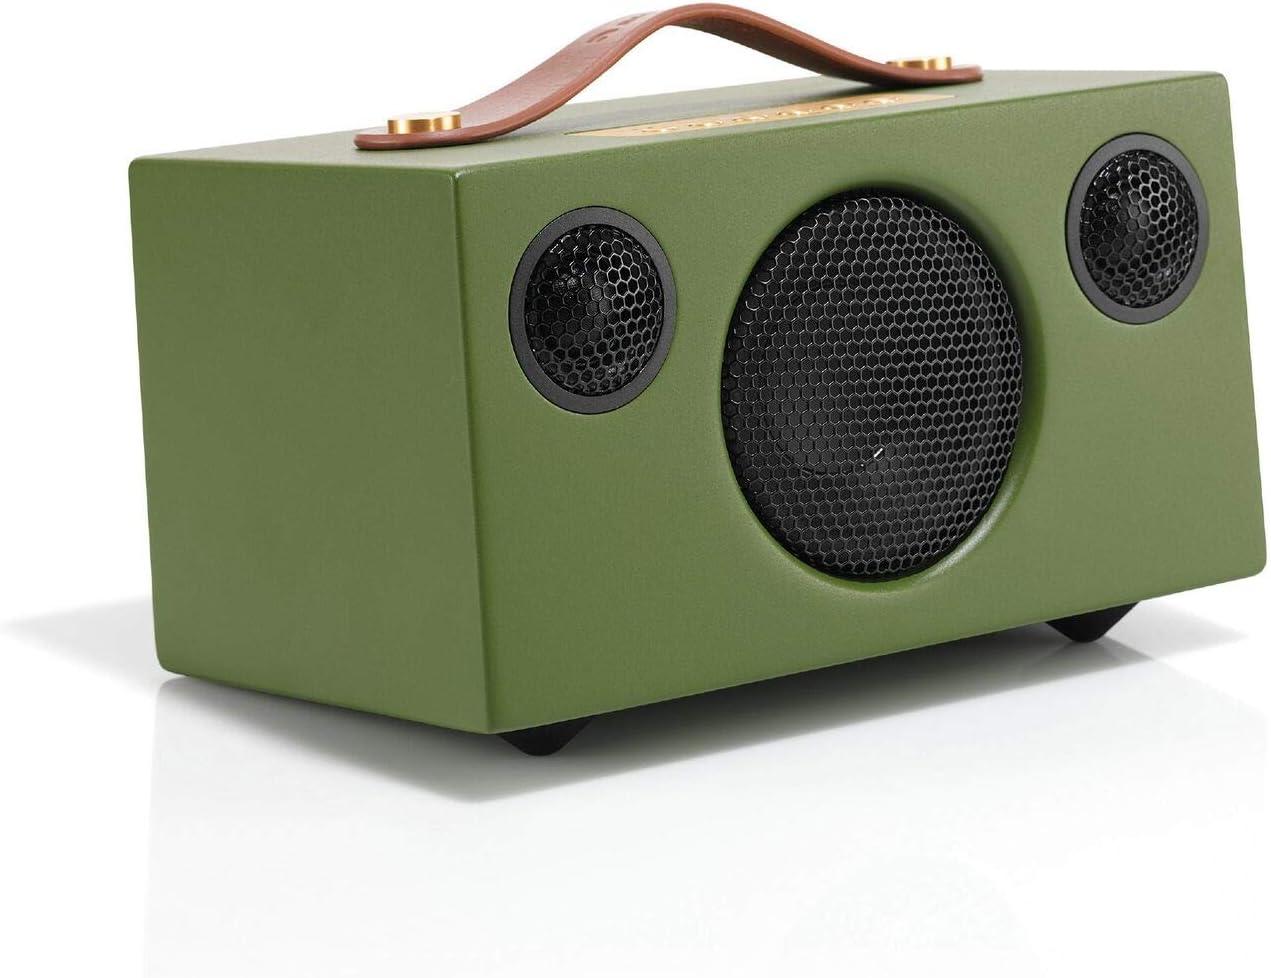 Audio Pro Addon T3 Altavoz estéreo portátil con Bluetooth (duración de la batería 30h, Carcasa de Madera Real) Color Verde